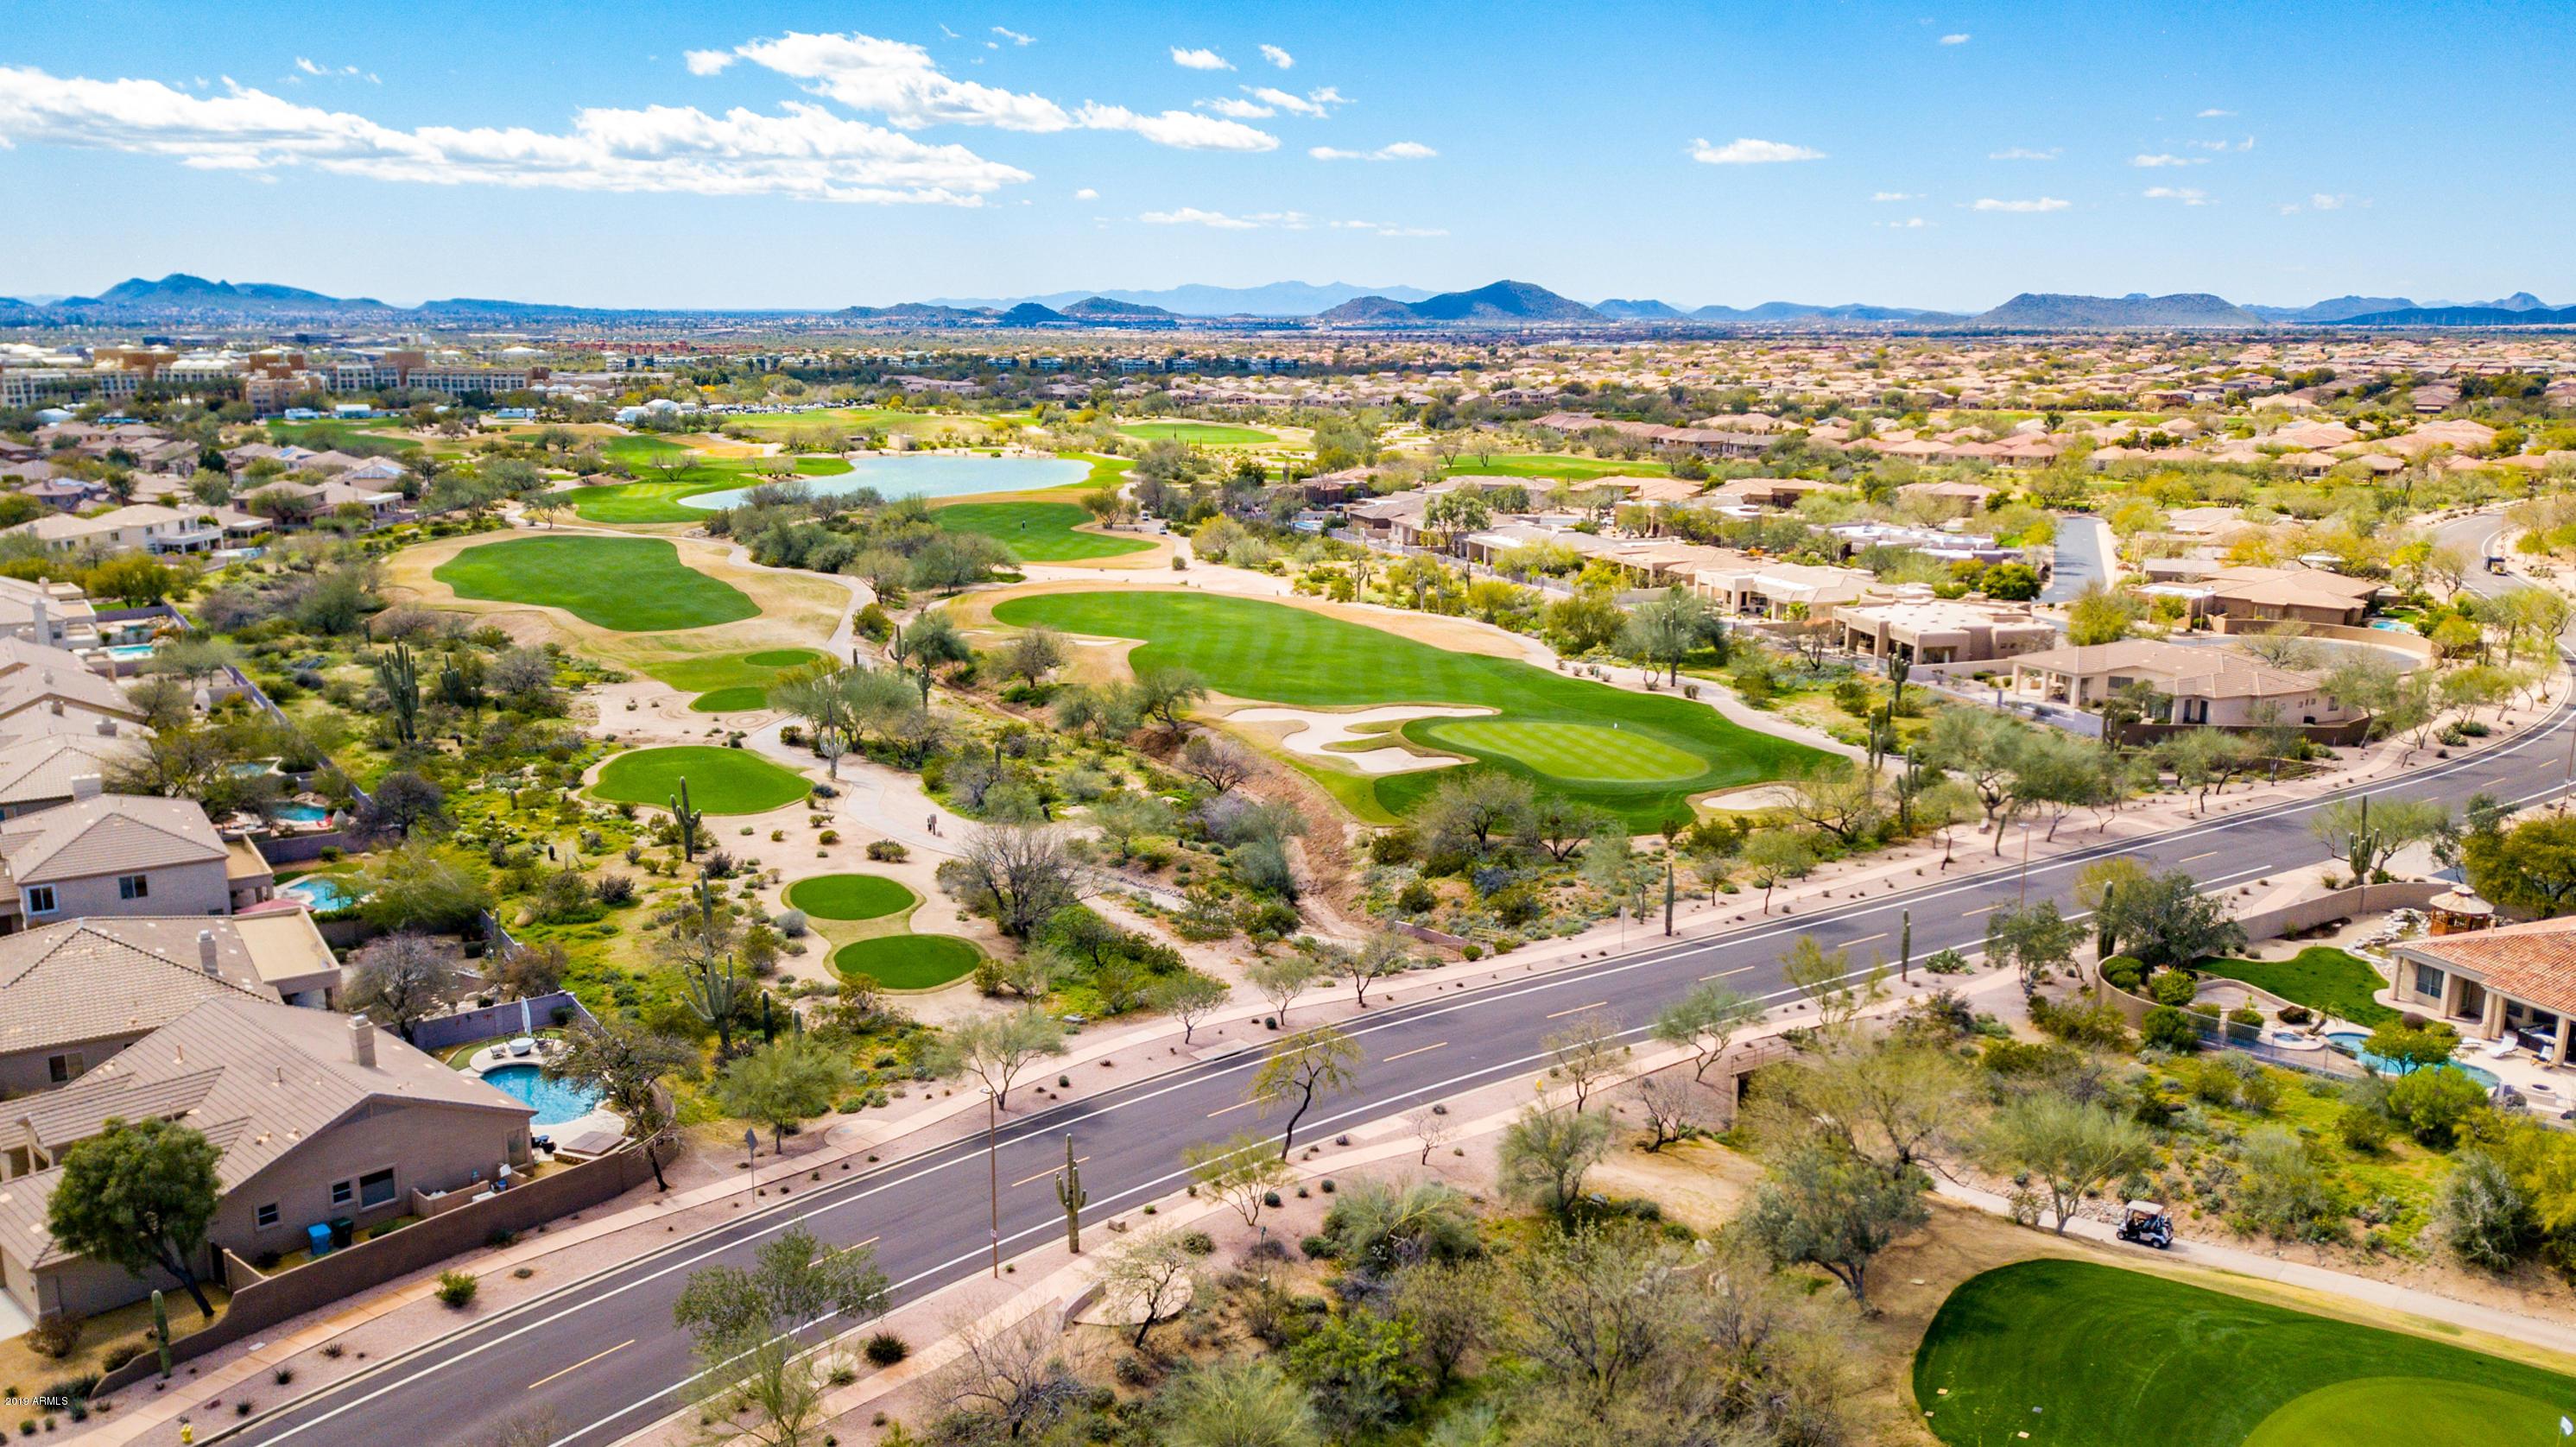 MLS 5896254 22429 N 54TH Place, Phoenix, AZ 85054 Phoenix AZ Desert Ridge